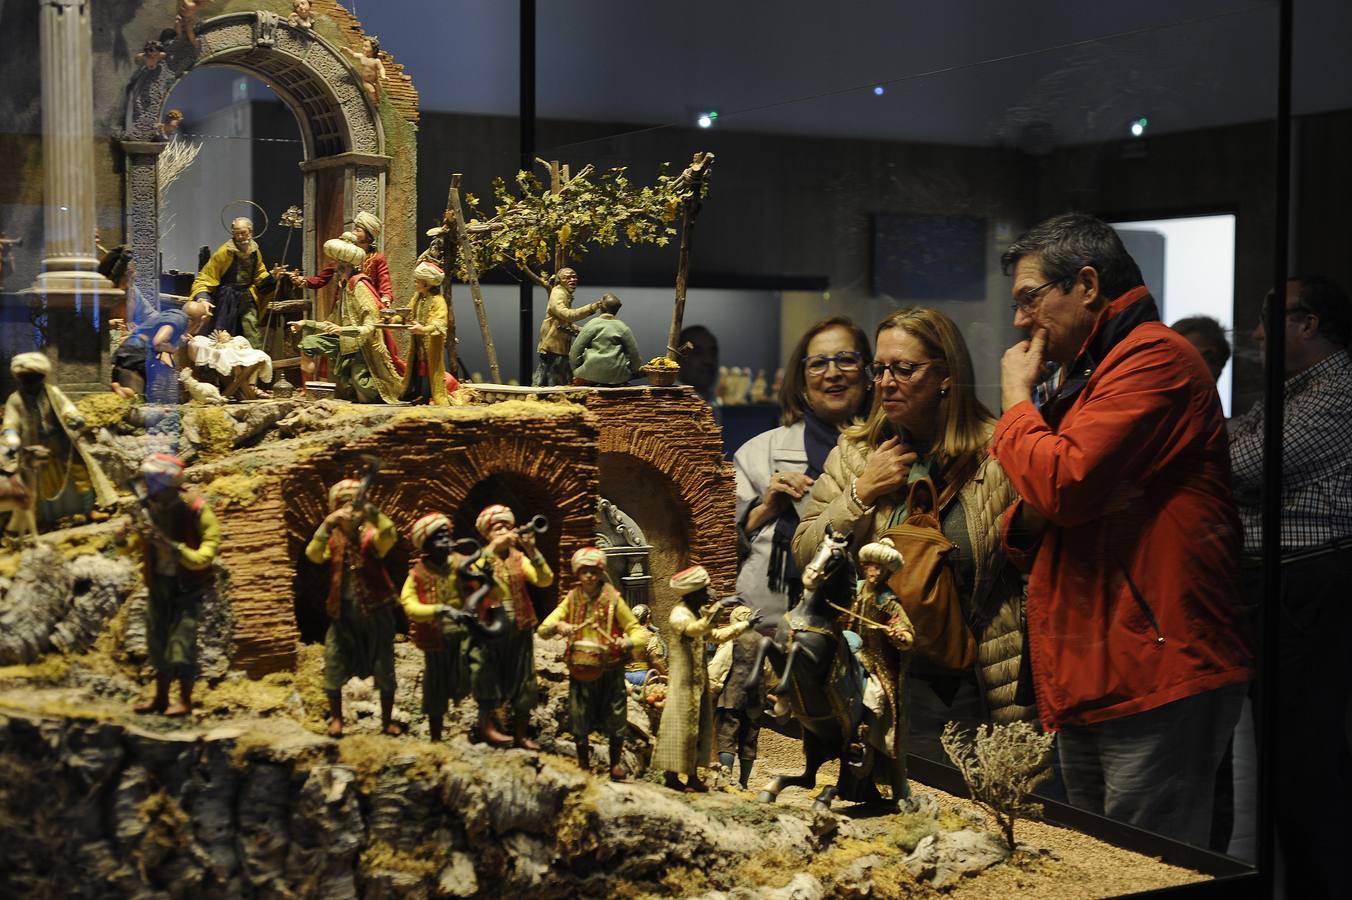 El mayor museo de belenes en mollina m laga visto al detalle - Muebles mollina malaga ...